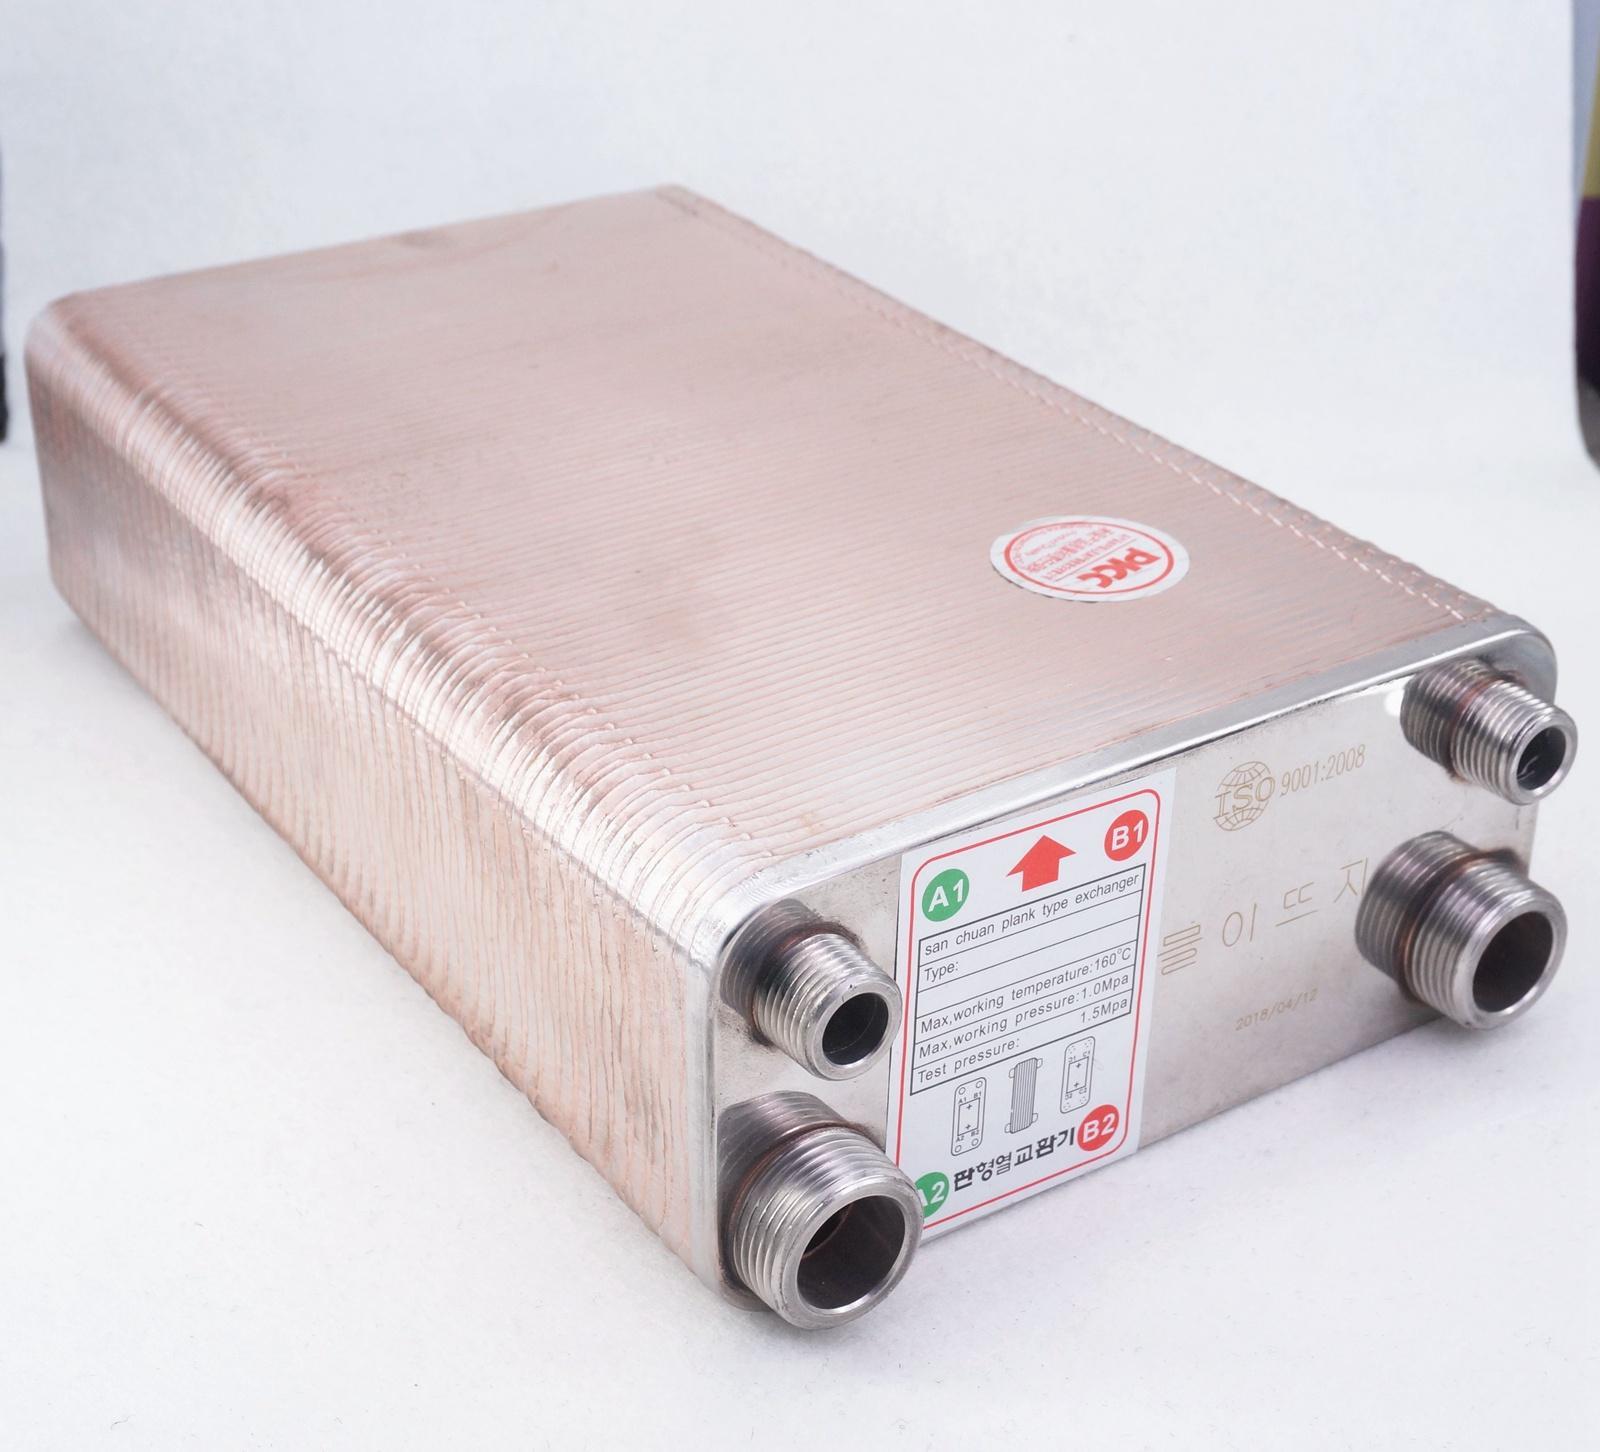 مبادل حراري SUS 100 من الفولاذ المقاوم للصدأ ، 304 لوحة ، مبرد نقيع ، صناعة منزلية ، تخمير ، بيرة ، نبيذ 1.6Mpa